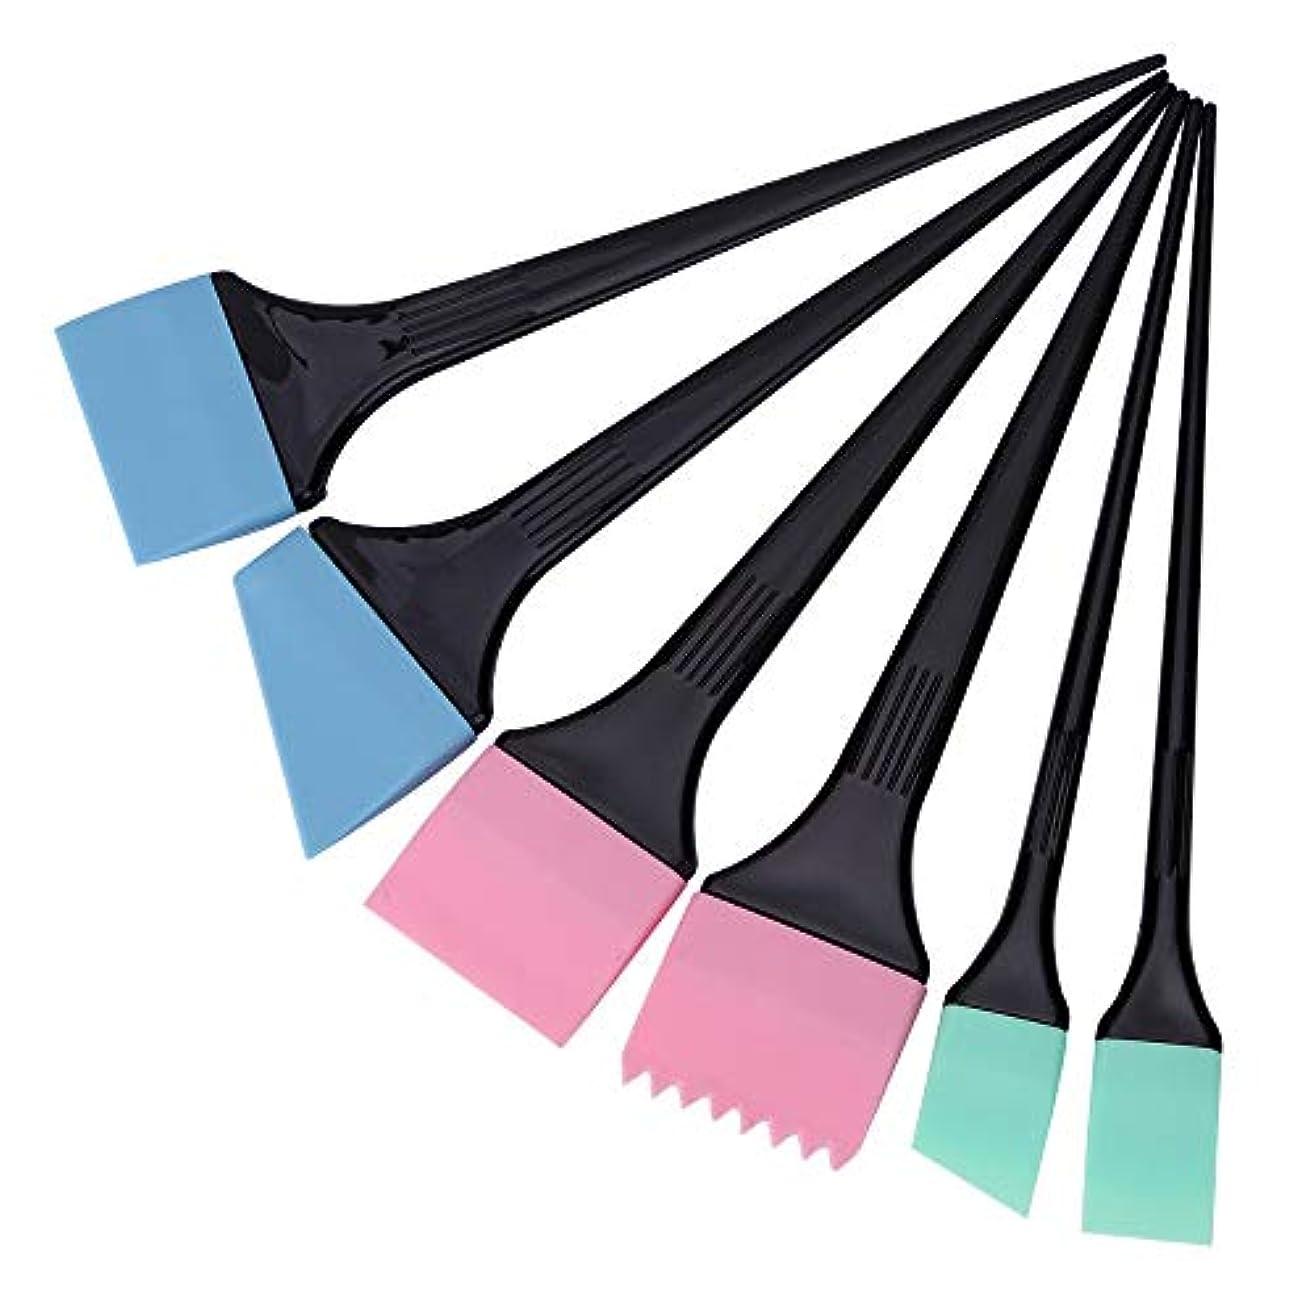 バーベキュー分析的な重荷ヘアダイコーム&ブラシ 毛染めブラシ 6本/セット 着色櫛キット プロサロン 理髪スタイリングツール へアカラーセット グリーン